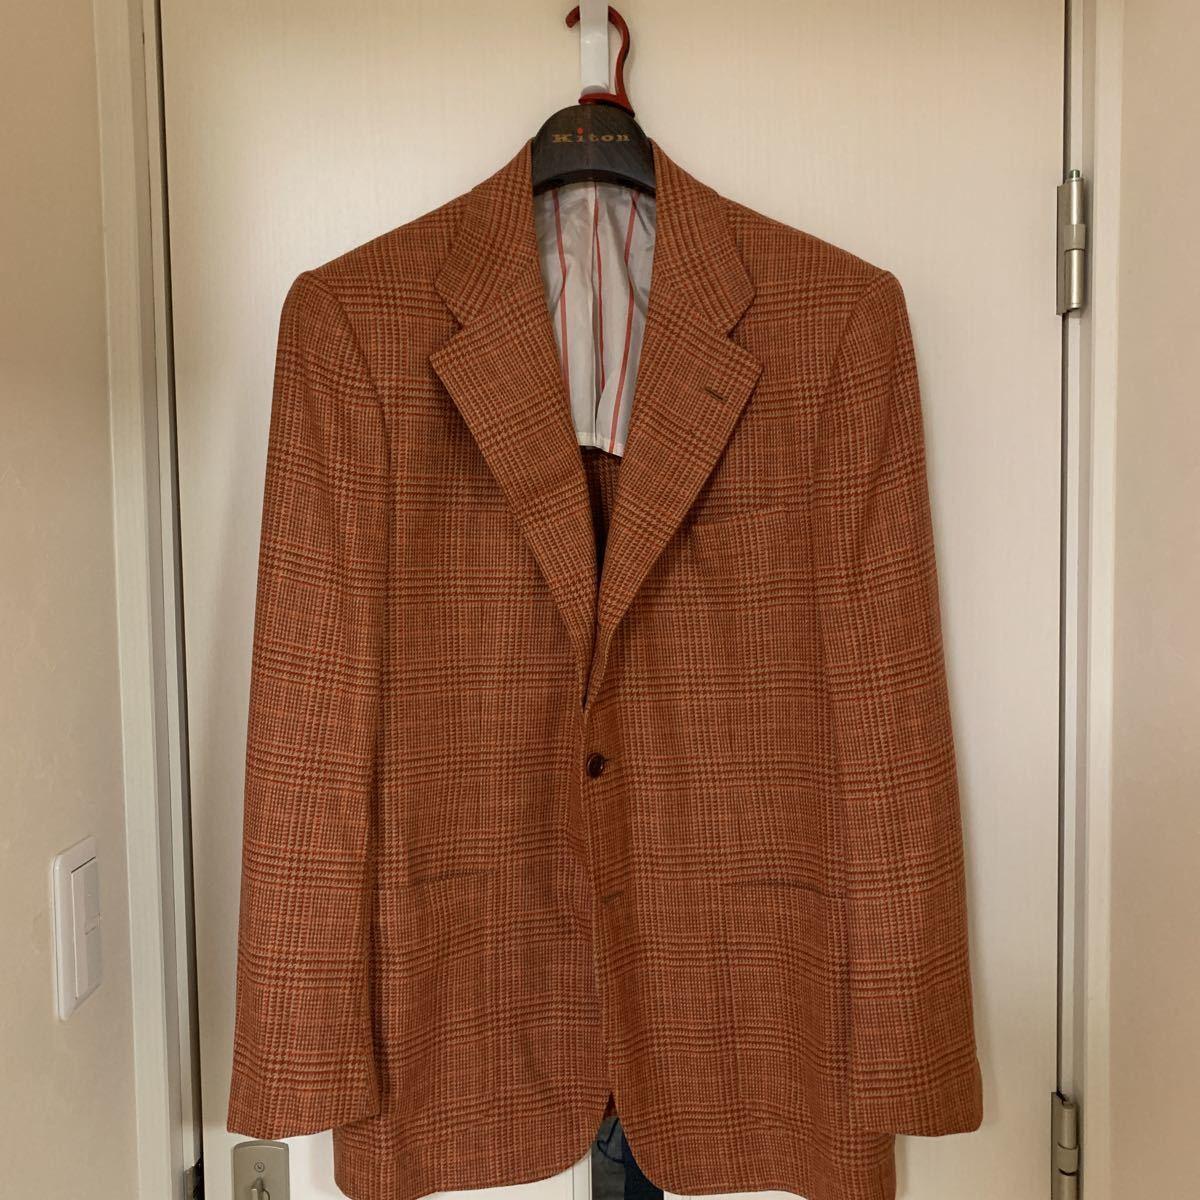 新品 キートン 52 カシミア 100% ジャケット オレンジ 橙色 ナポリ イタリア ビスポーク